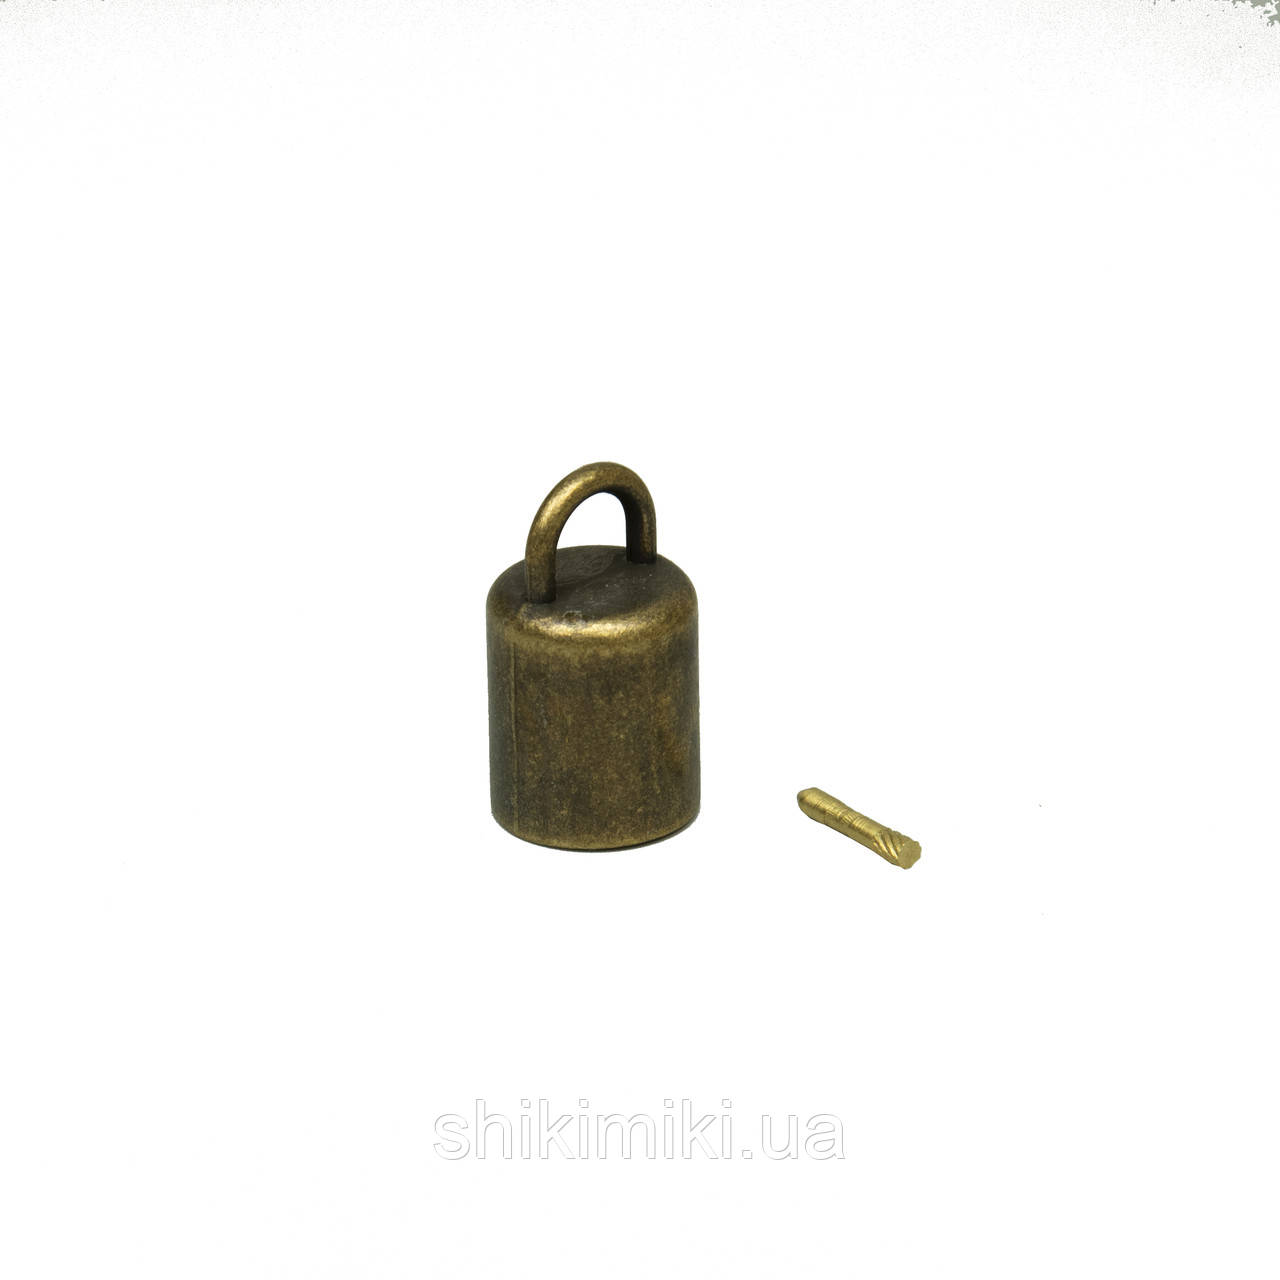 Держатель DR02-4 (15 мм), цвет антик